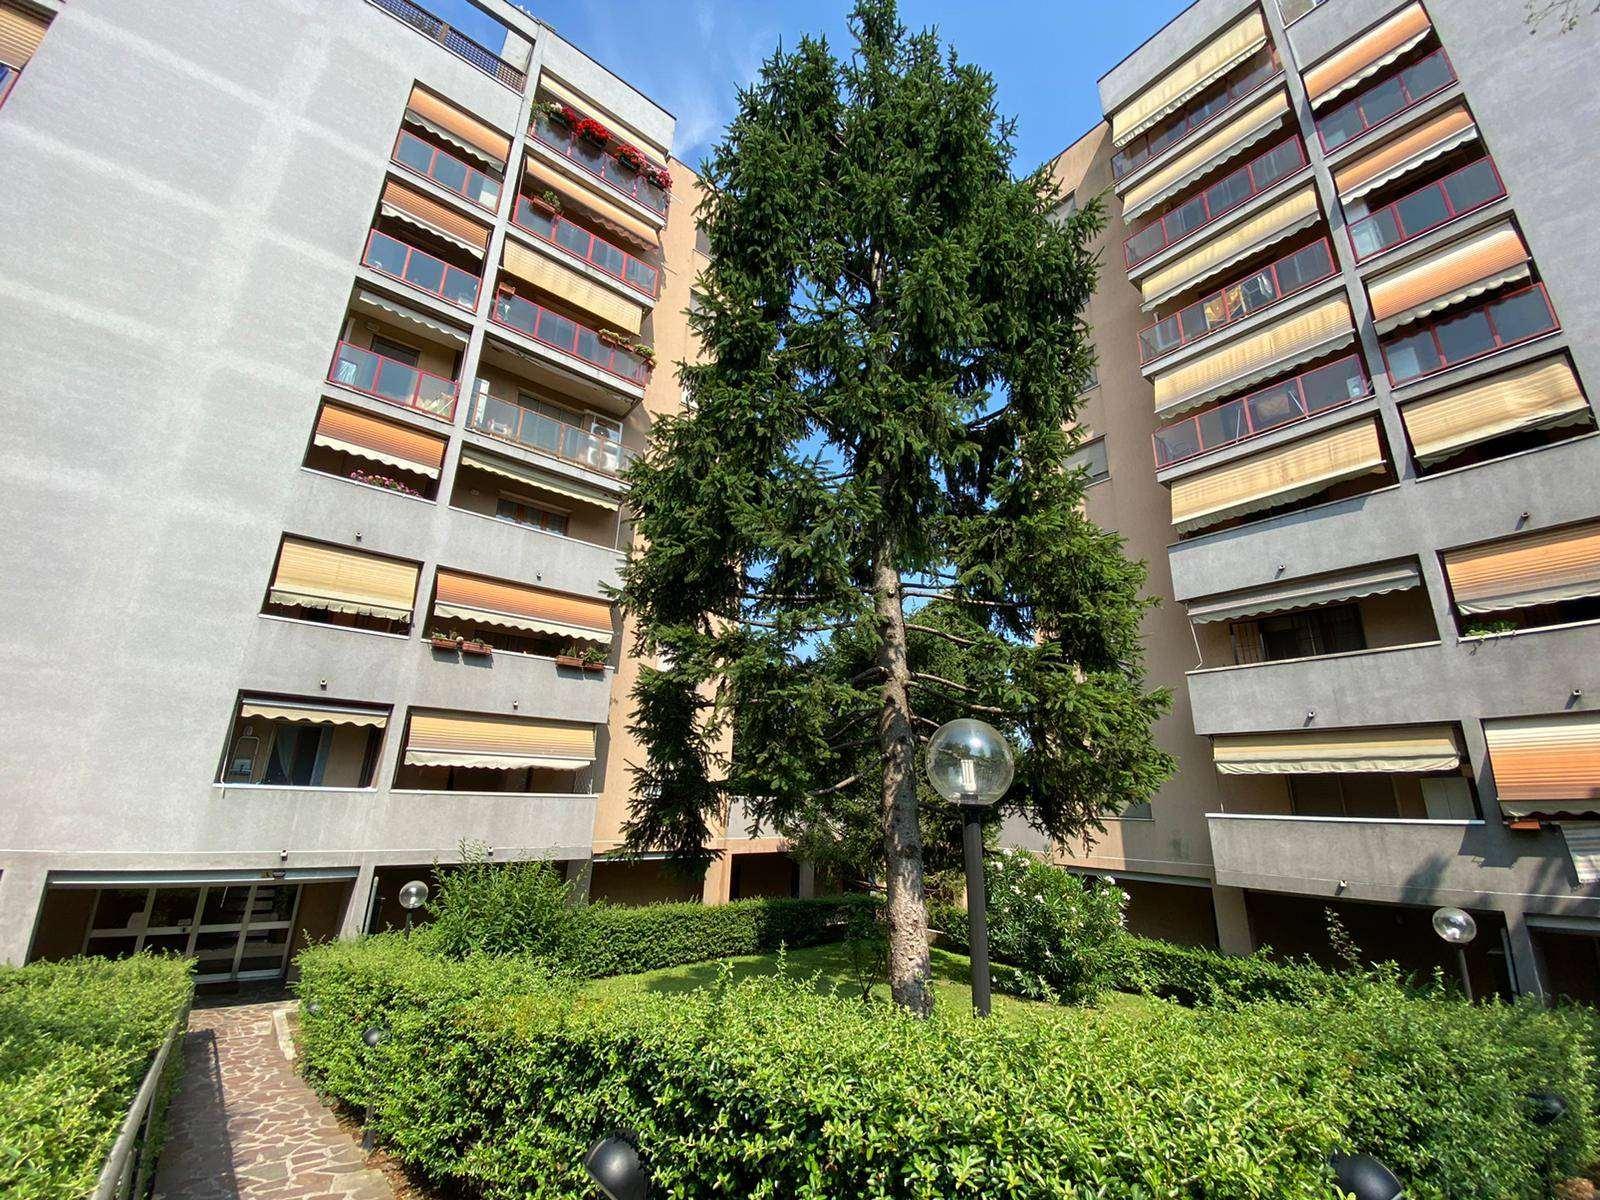 UBICAZIONE: Pioltello - via Wagner 4 TIPOLOGIA: Ampio appartamento di tre locali di circa 95 mq composto da sala con balcone, cucina abitabile con balcone, due camere e doppi servizi entrambi